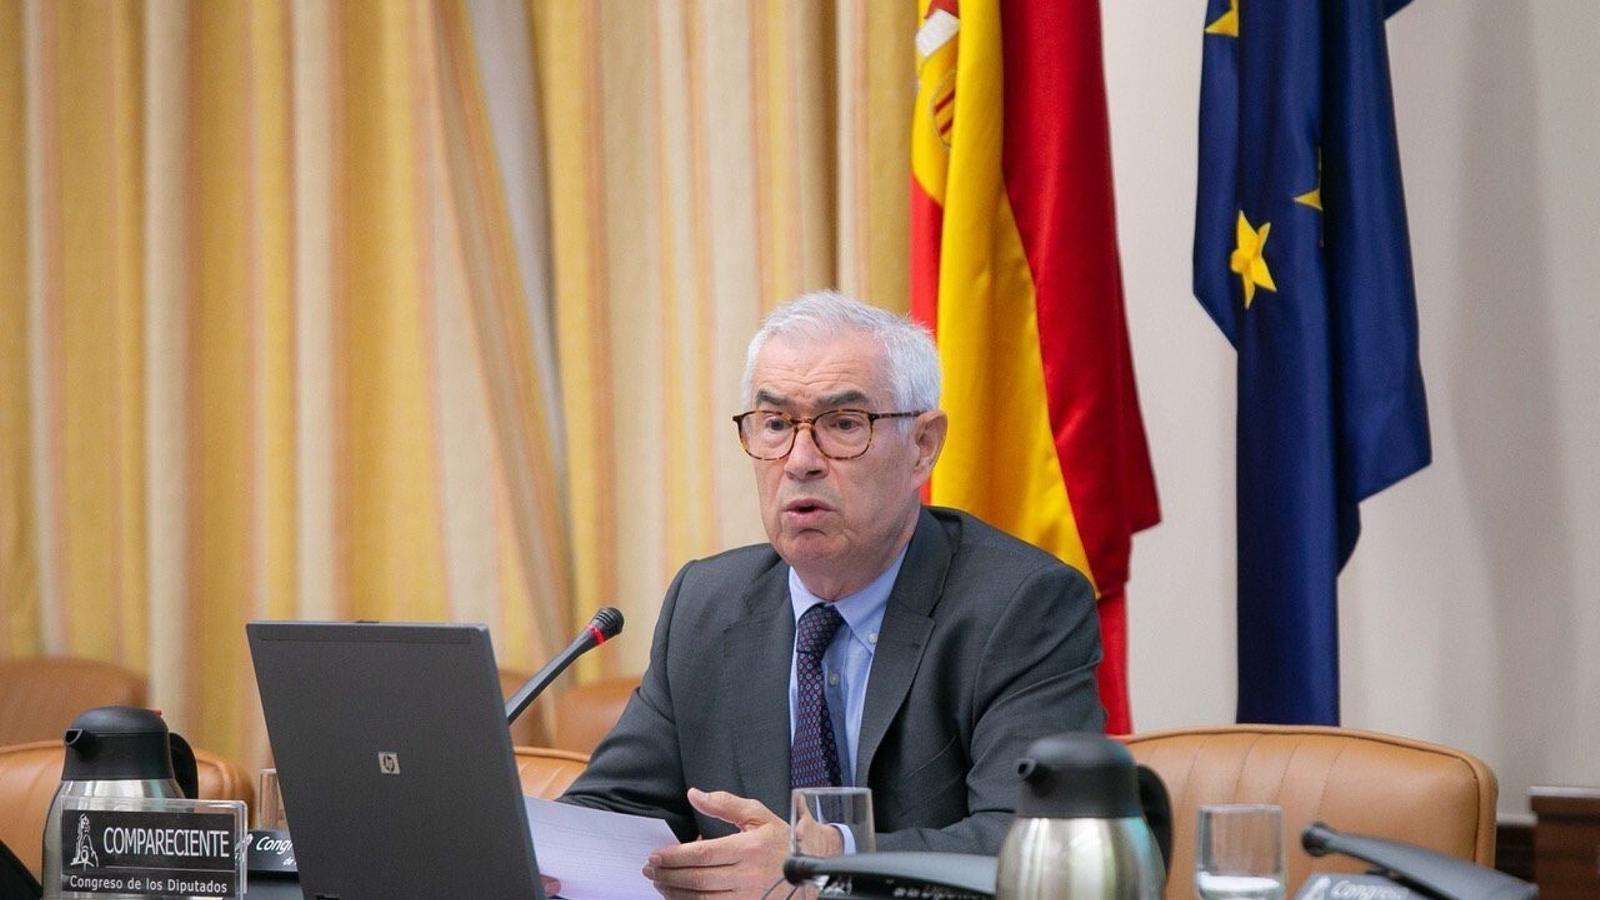 El fundador de la societat espanyola de microbiologia i malalties infeccioses, Emilio Bouza, en una imatge d'arxiu